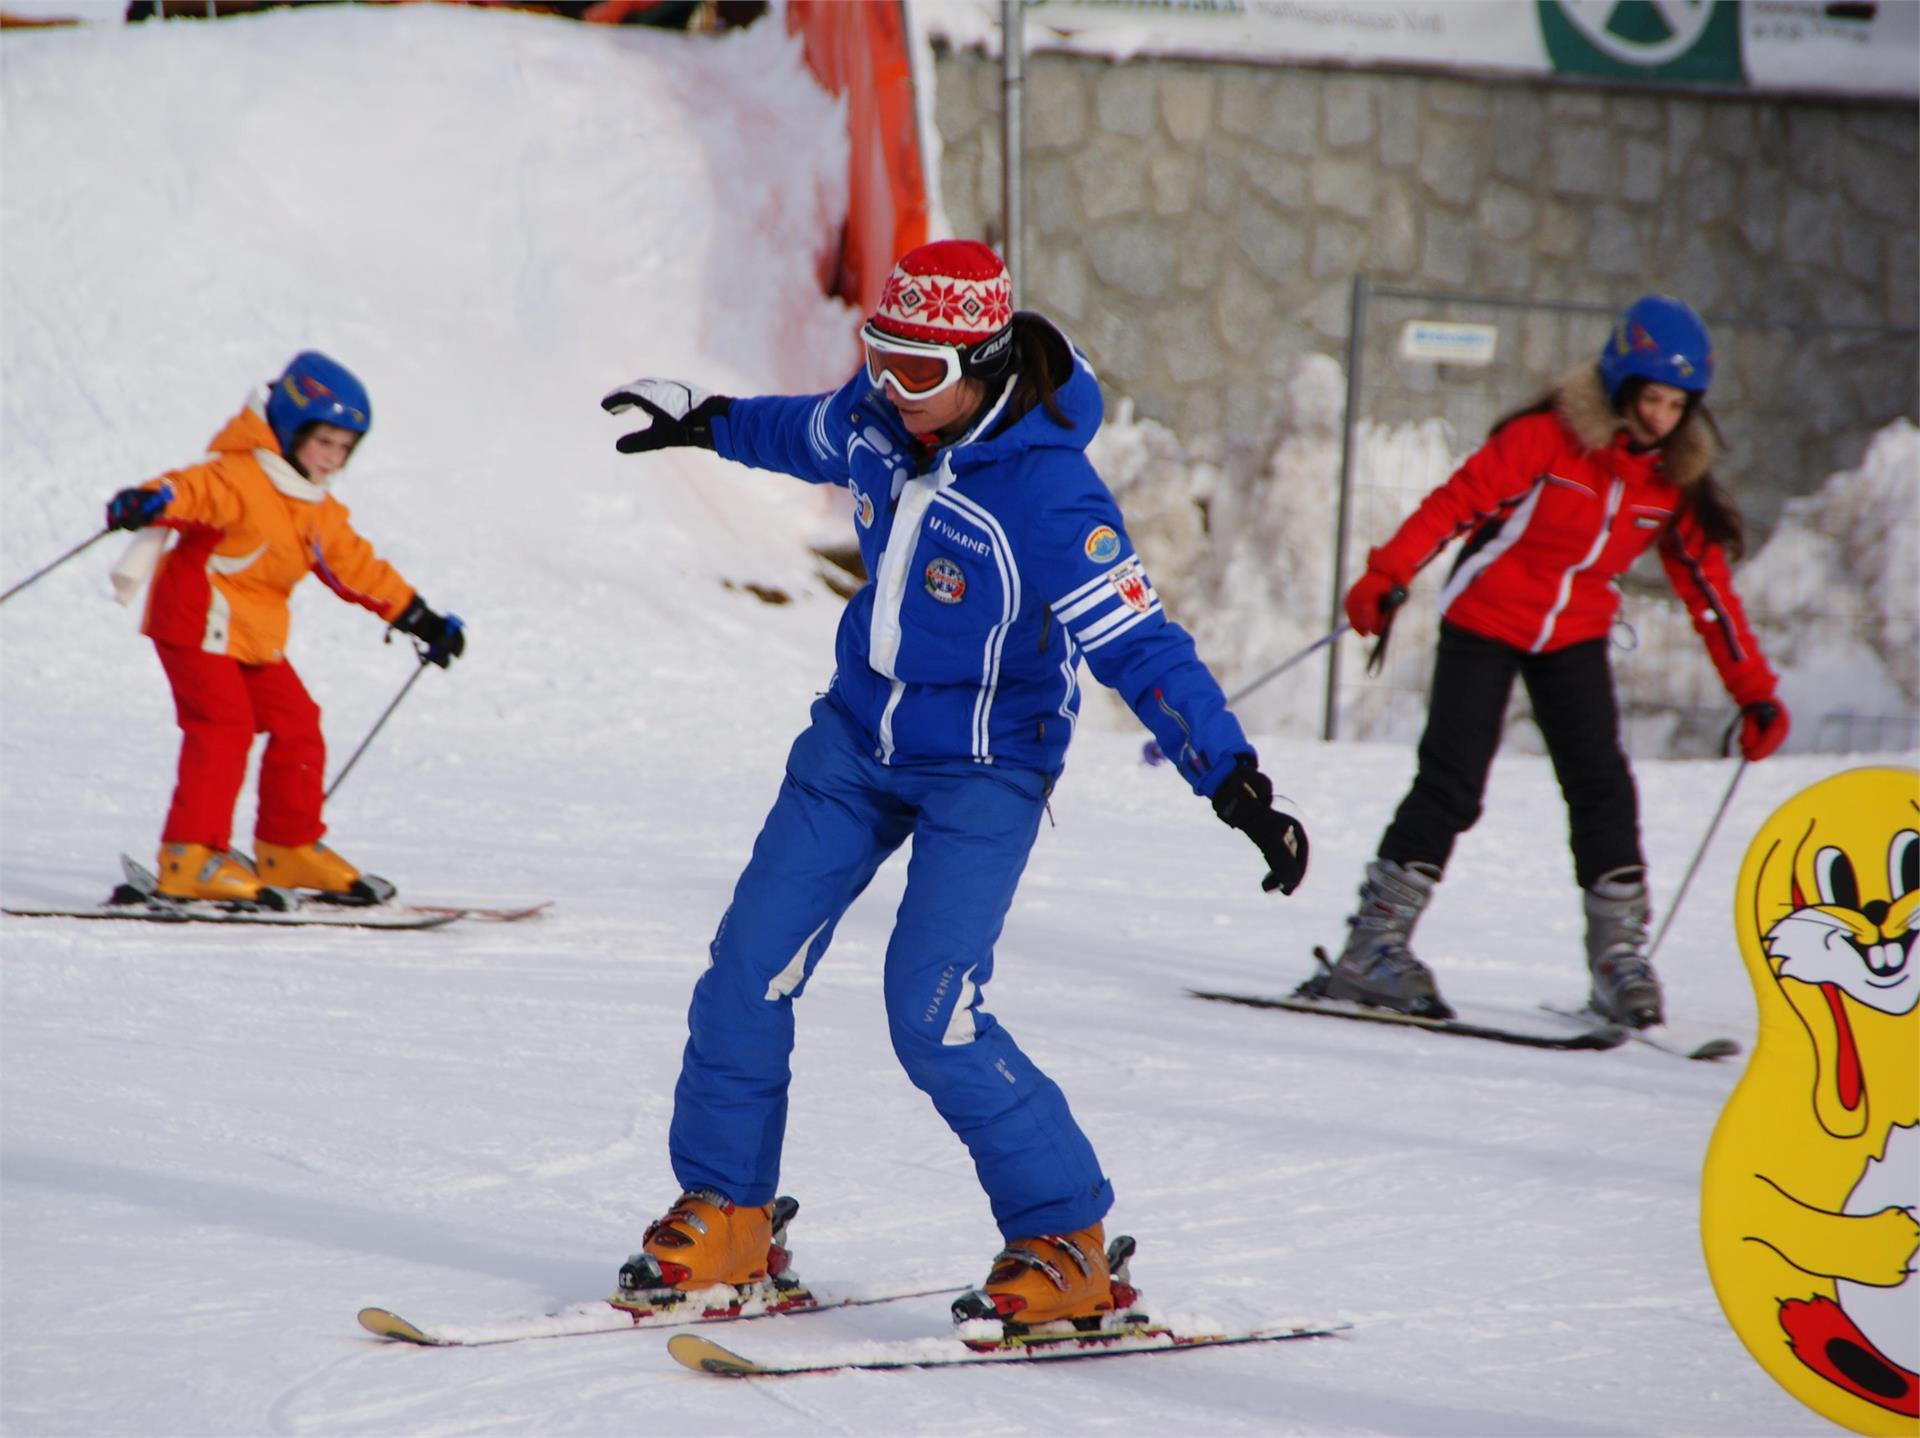 Scuola di sci terento